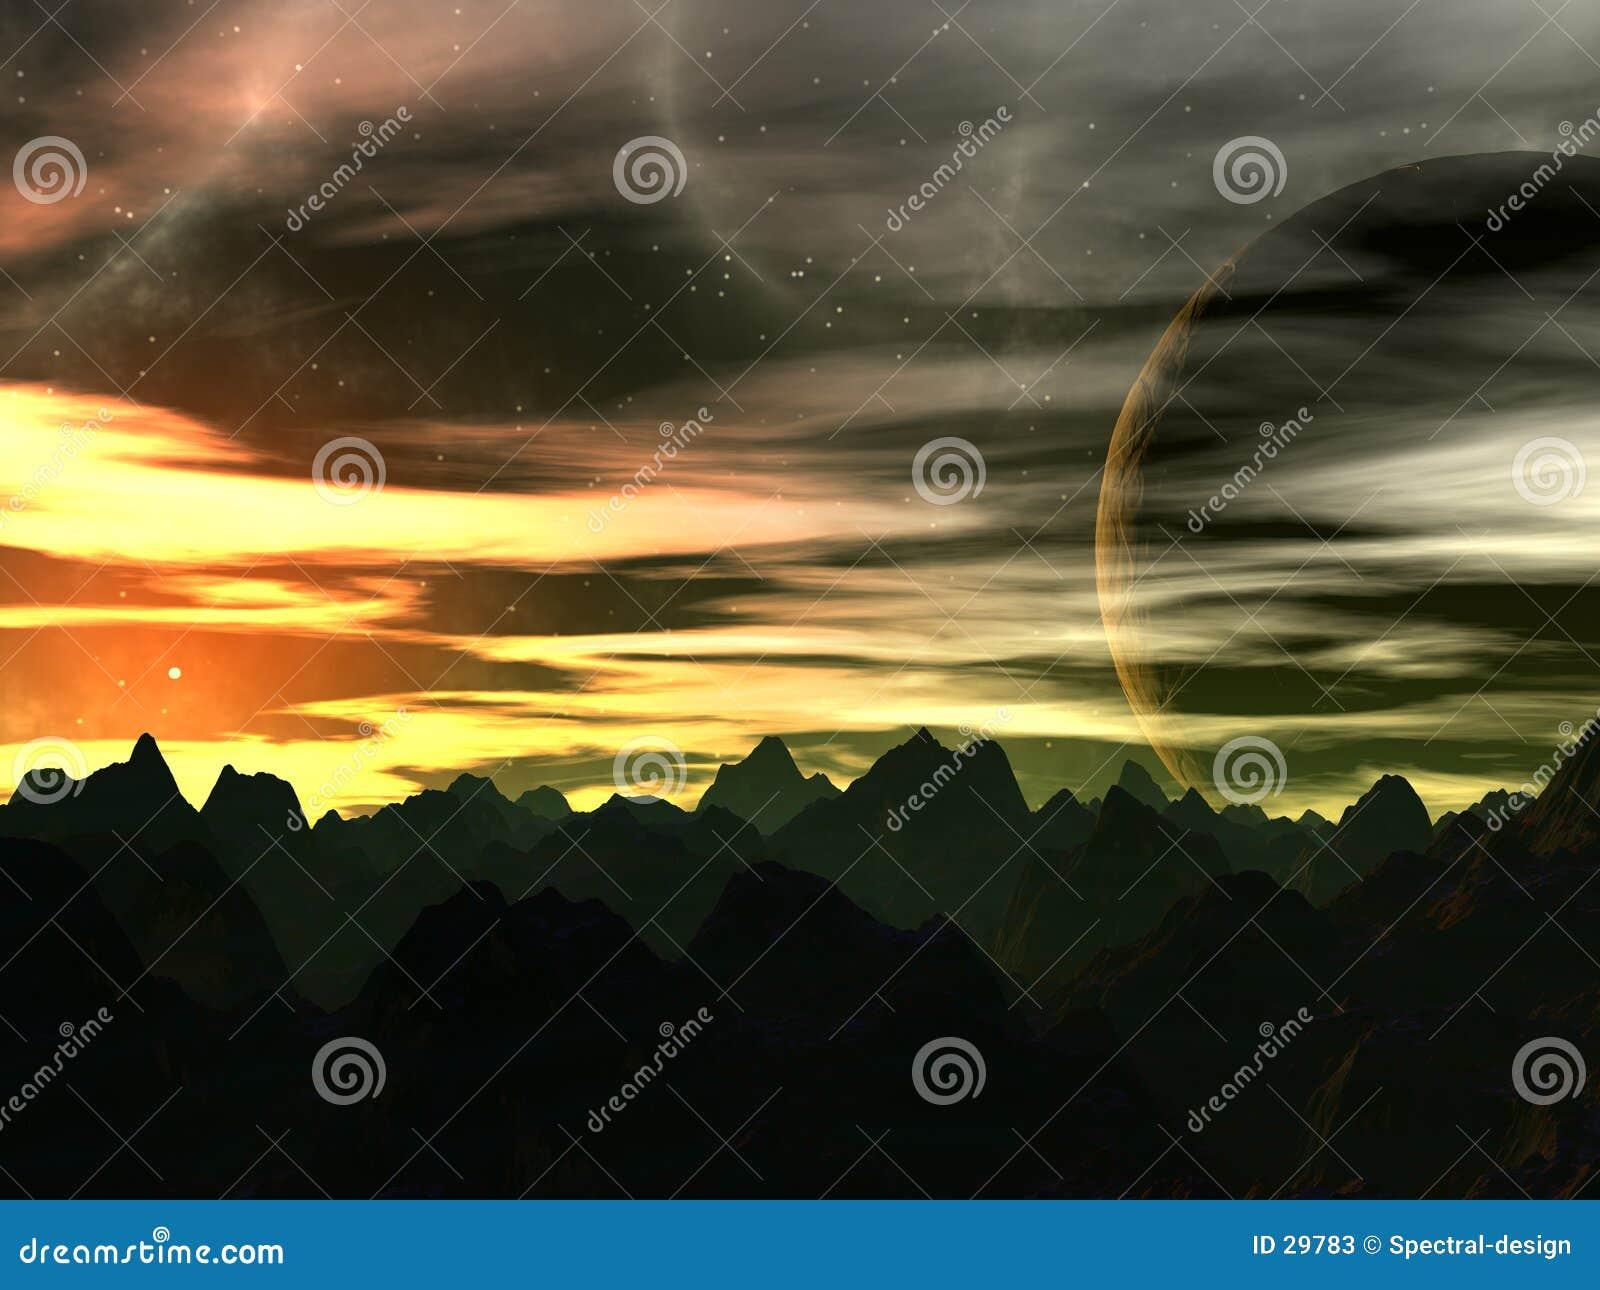 Sunset on Xilis 8